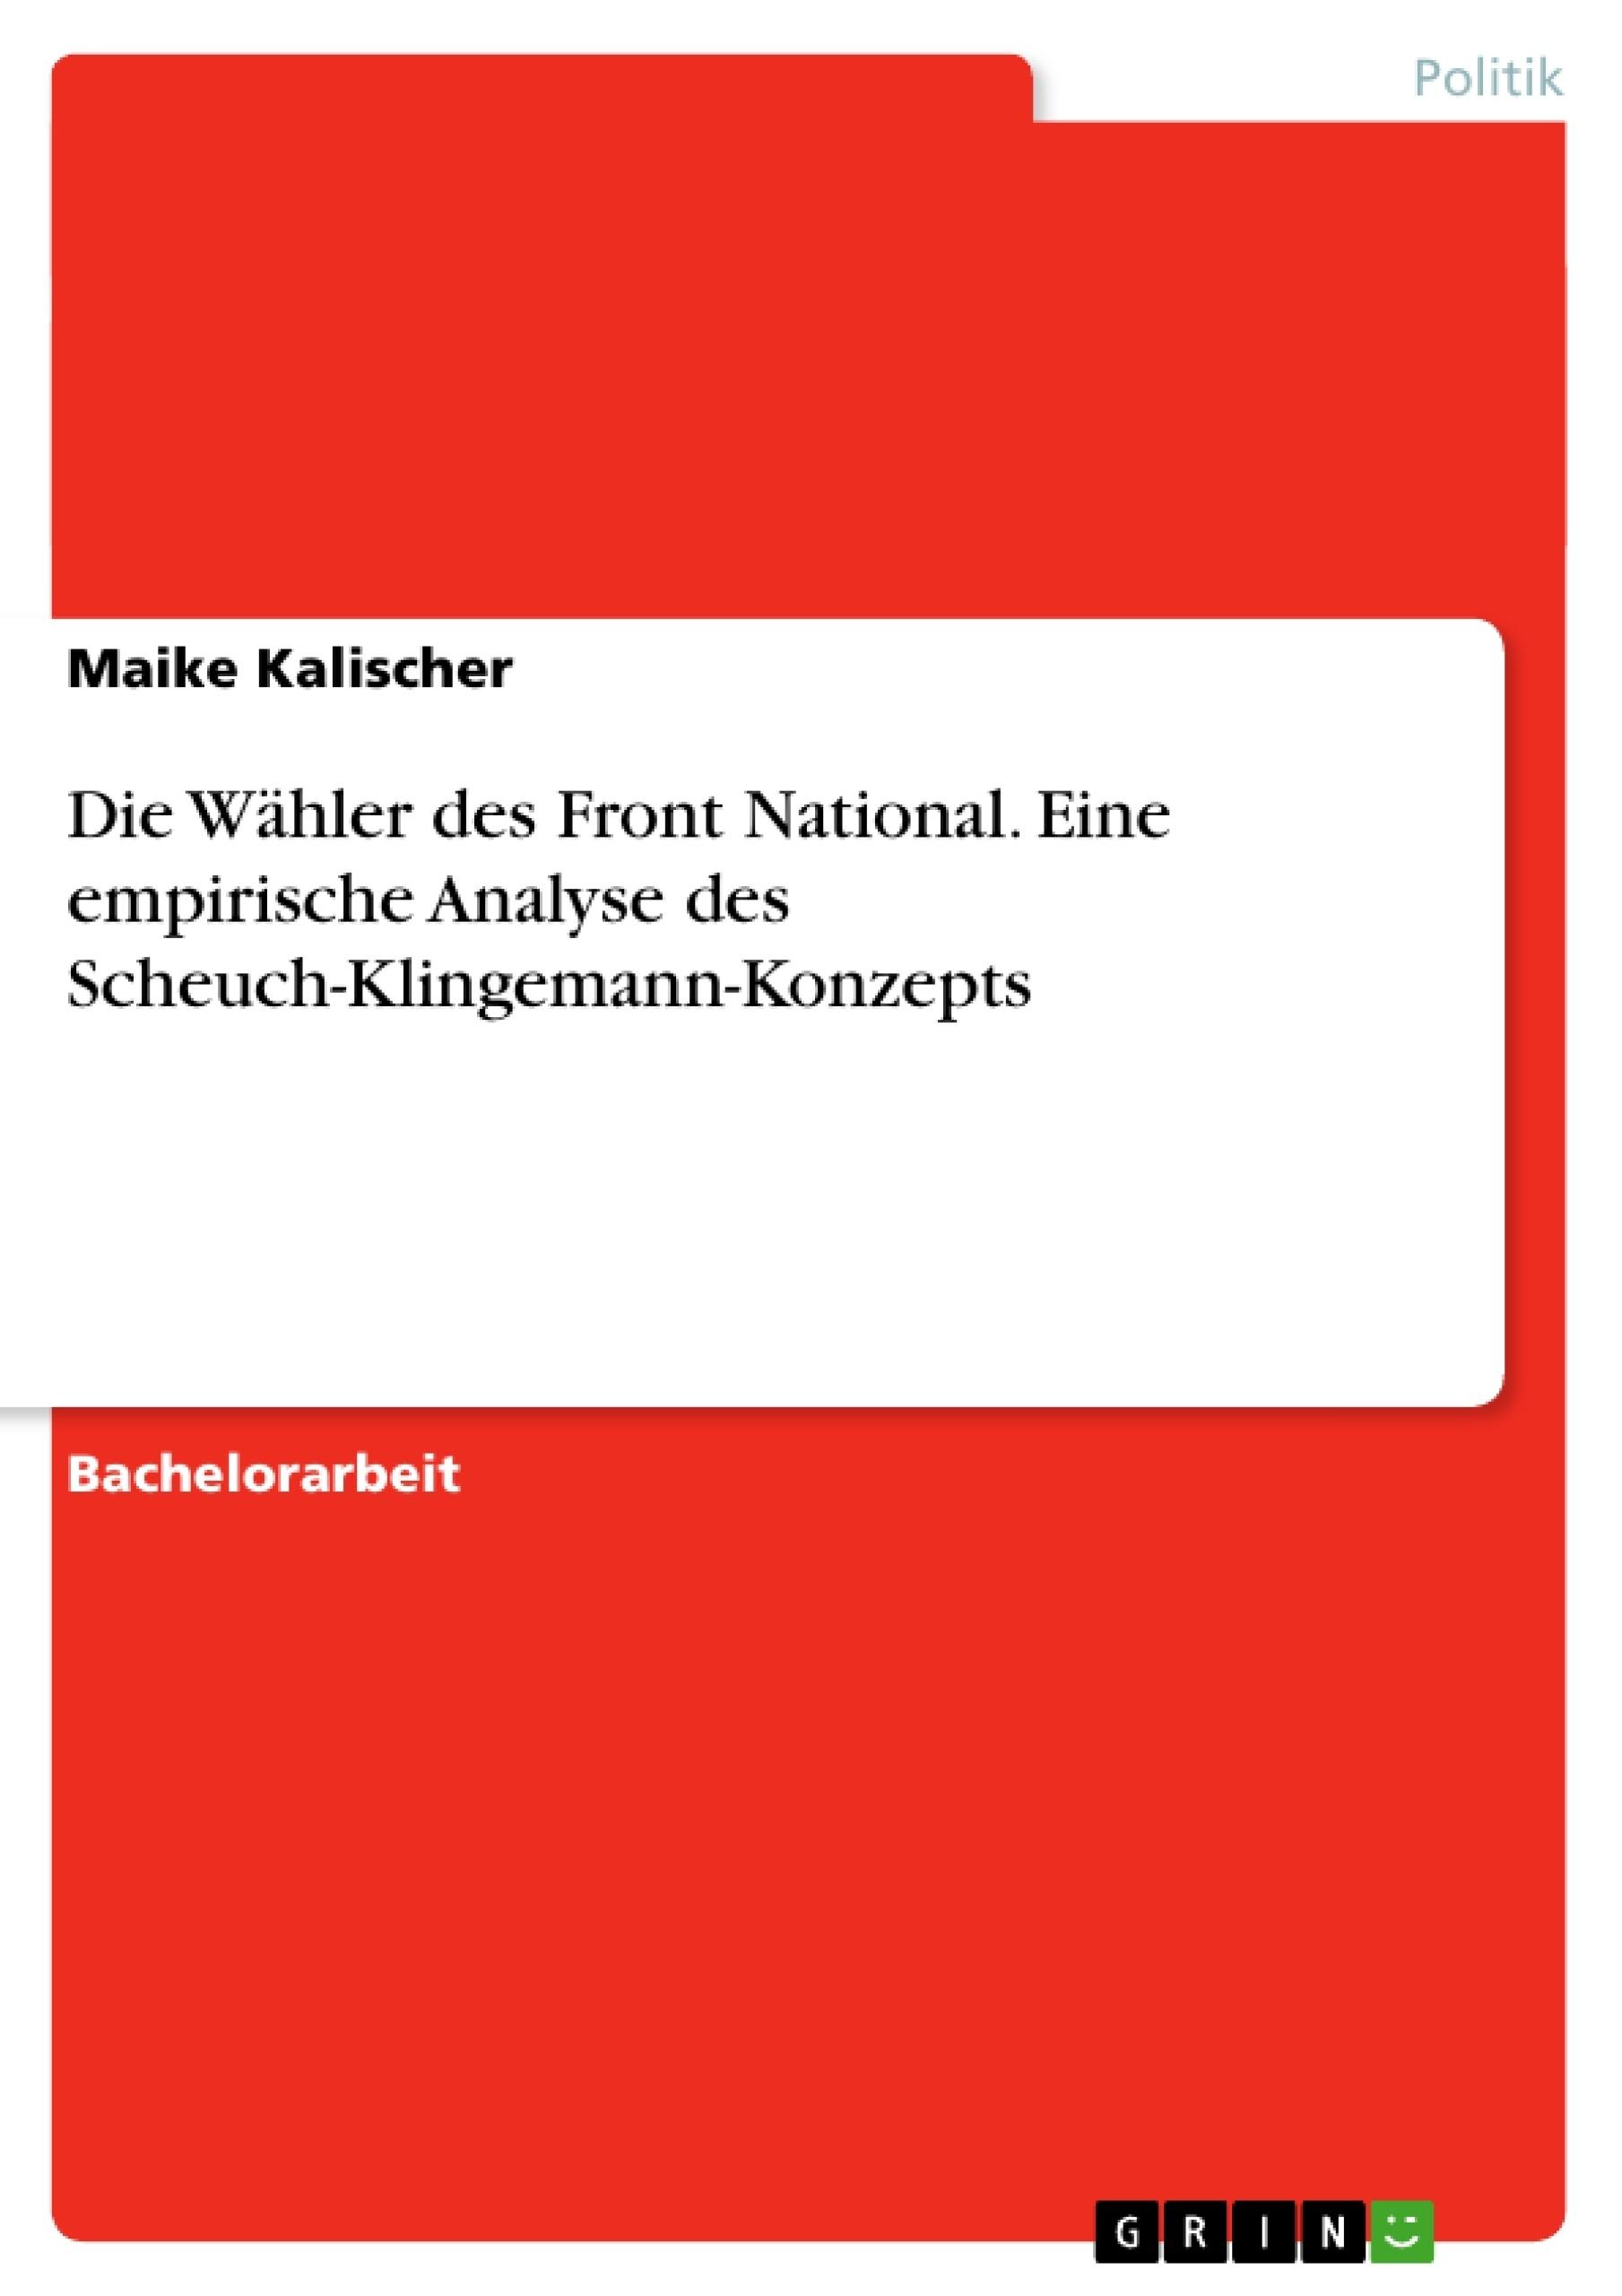 Titel: Die Wähler des Front National. Eine empirische Analyse des Scheuch-Klingemann-Konzepts